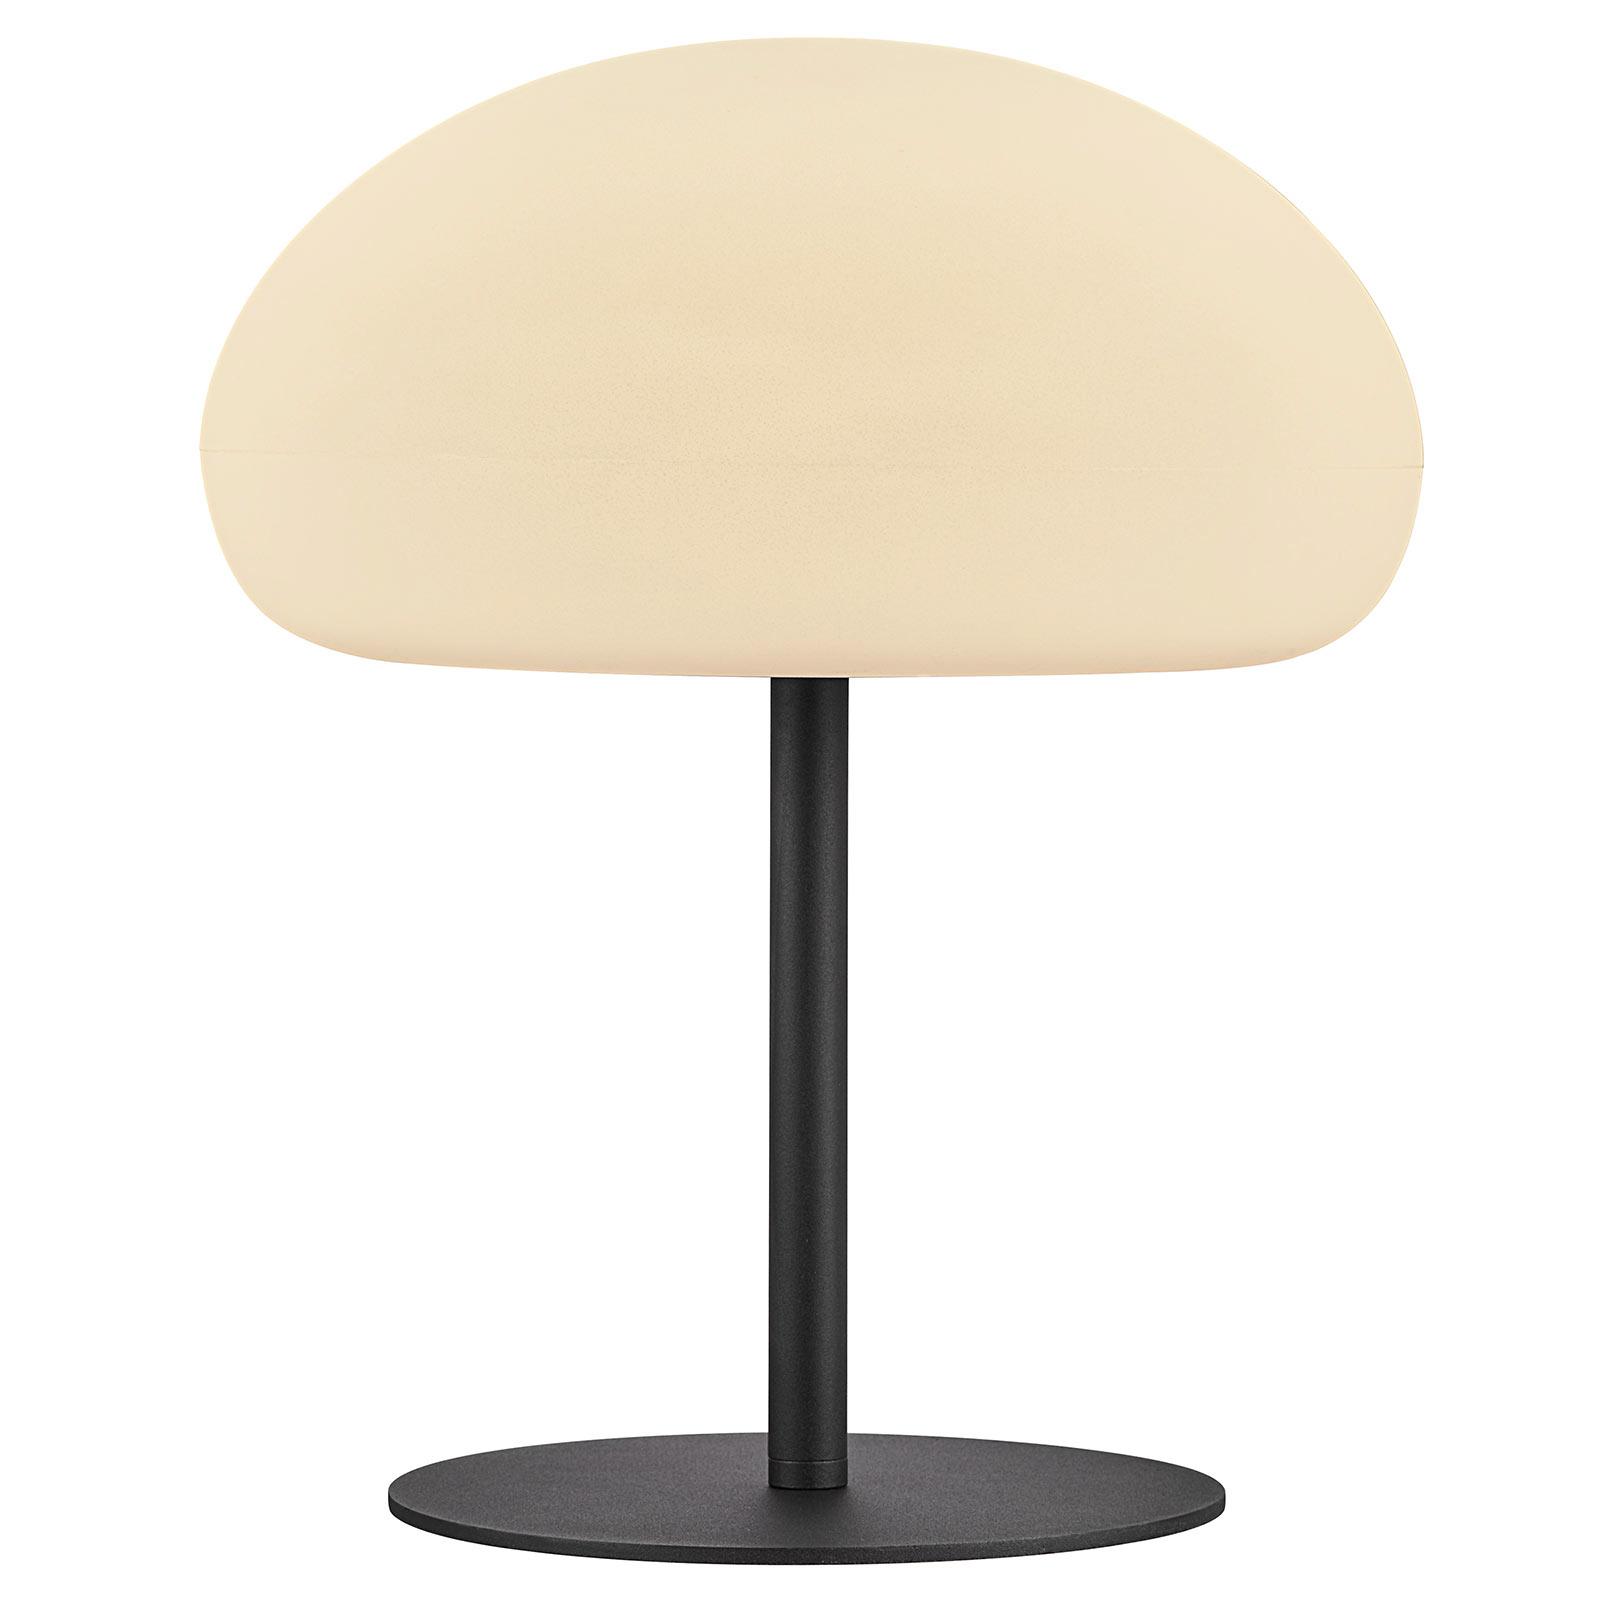 LED-bordlampe Sponge med batteri, 40,5 cm høy